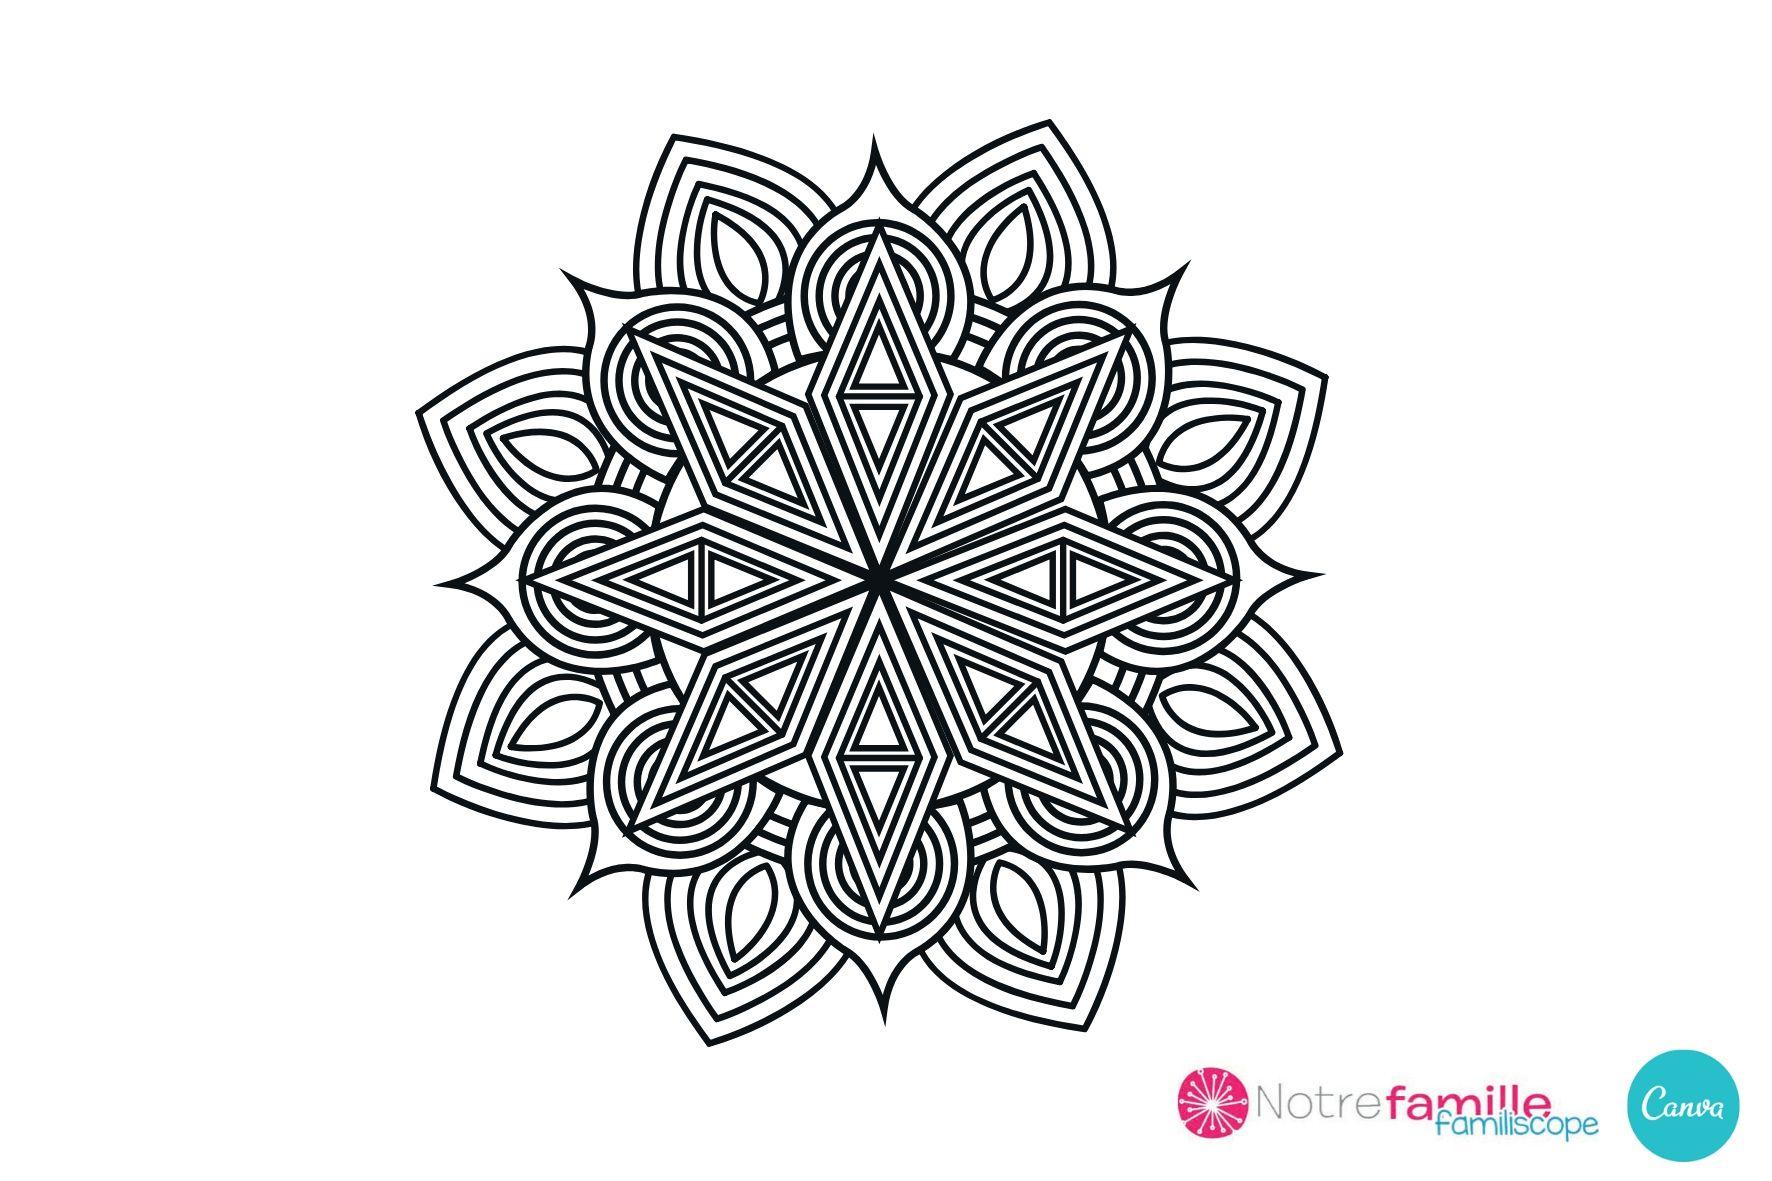 Coloriage De Mandala À Imprimer - Niveau Facile à Jeux De Coloriage De Rosace